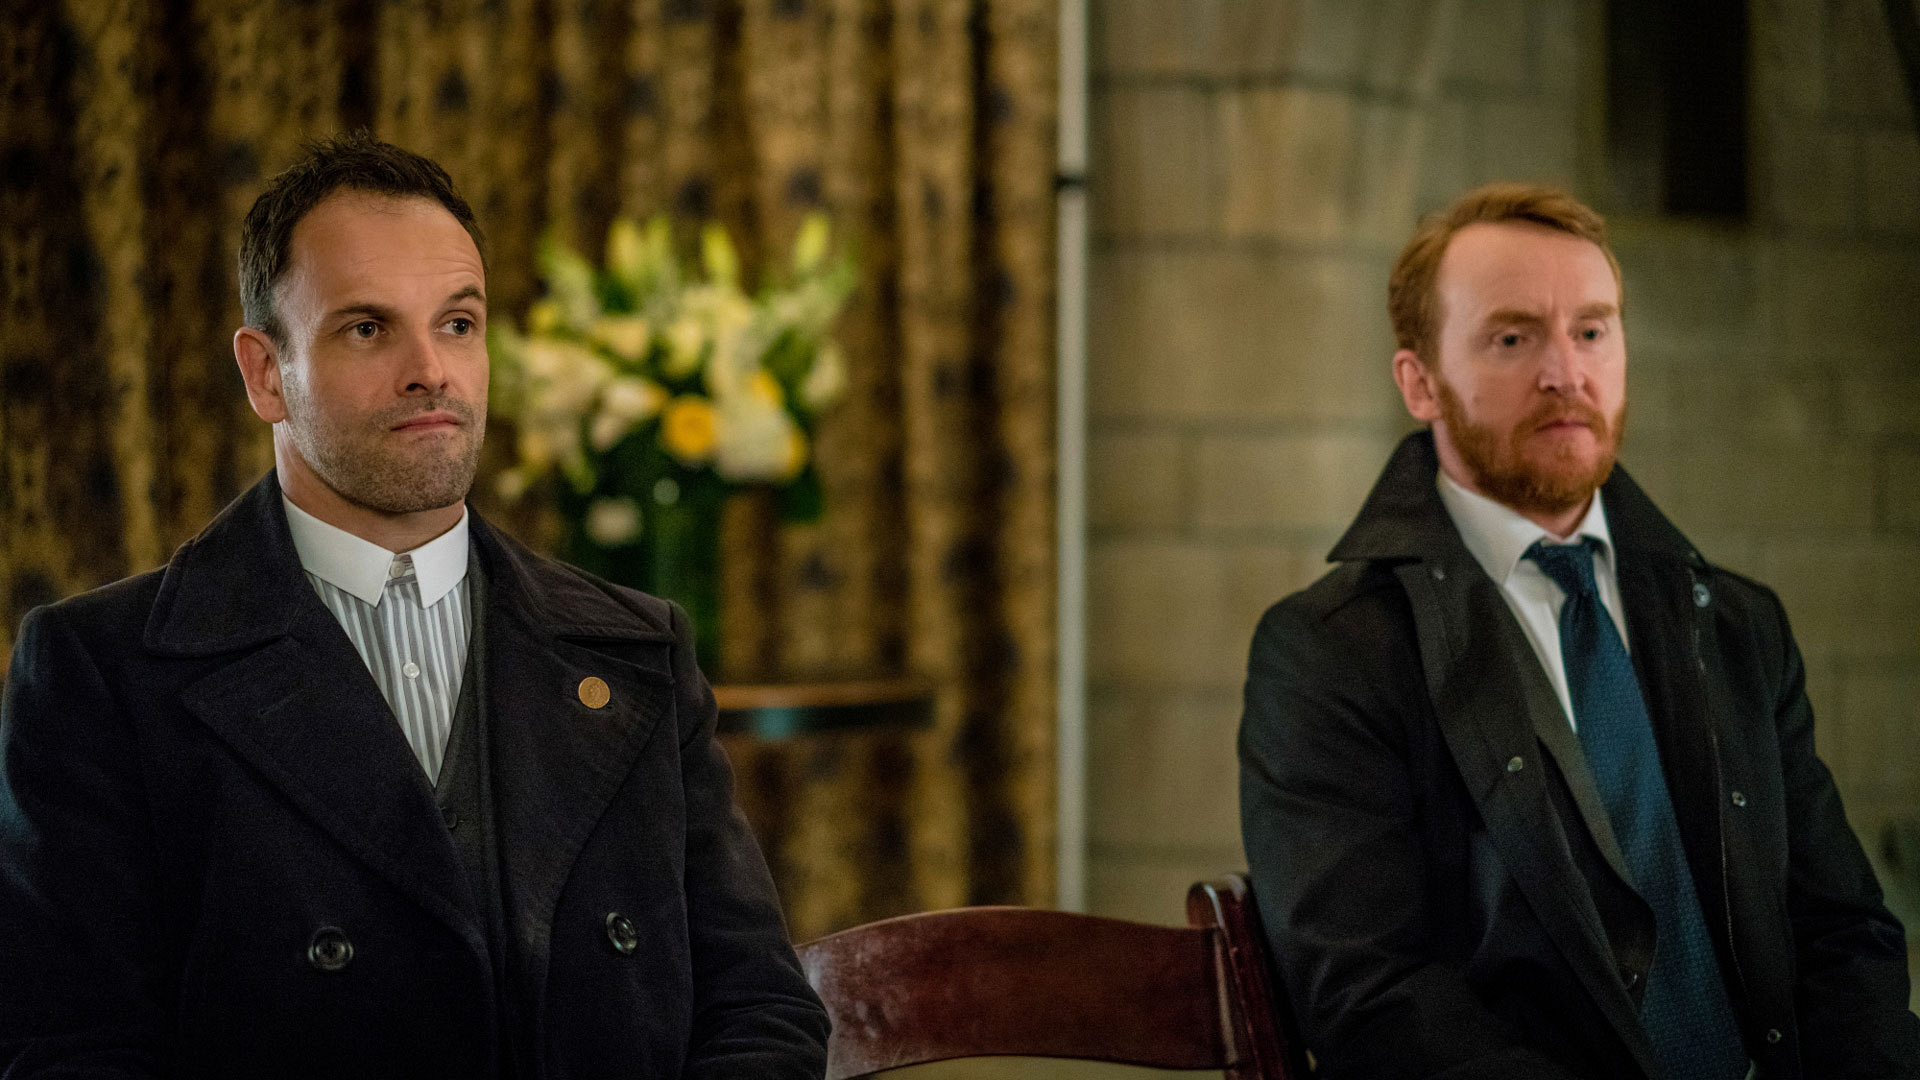 Sherlock Holmes sits next to Joshua Vikner.